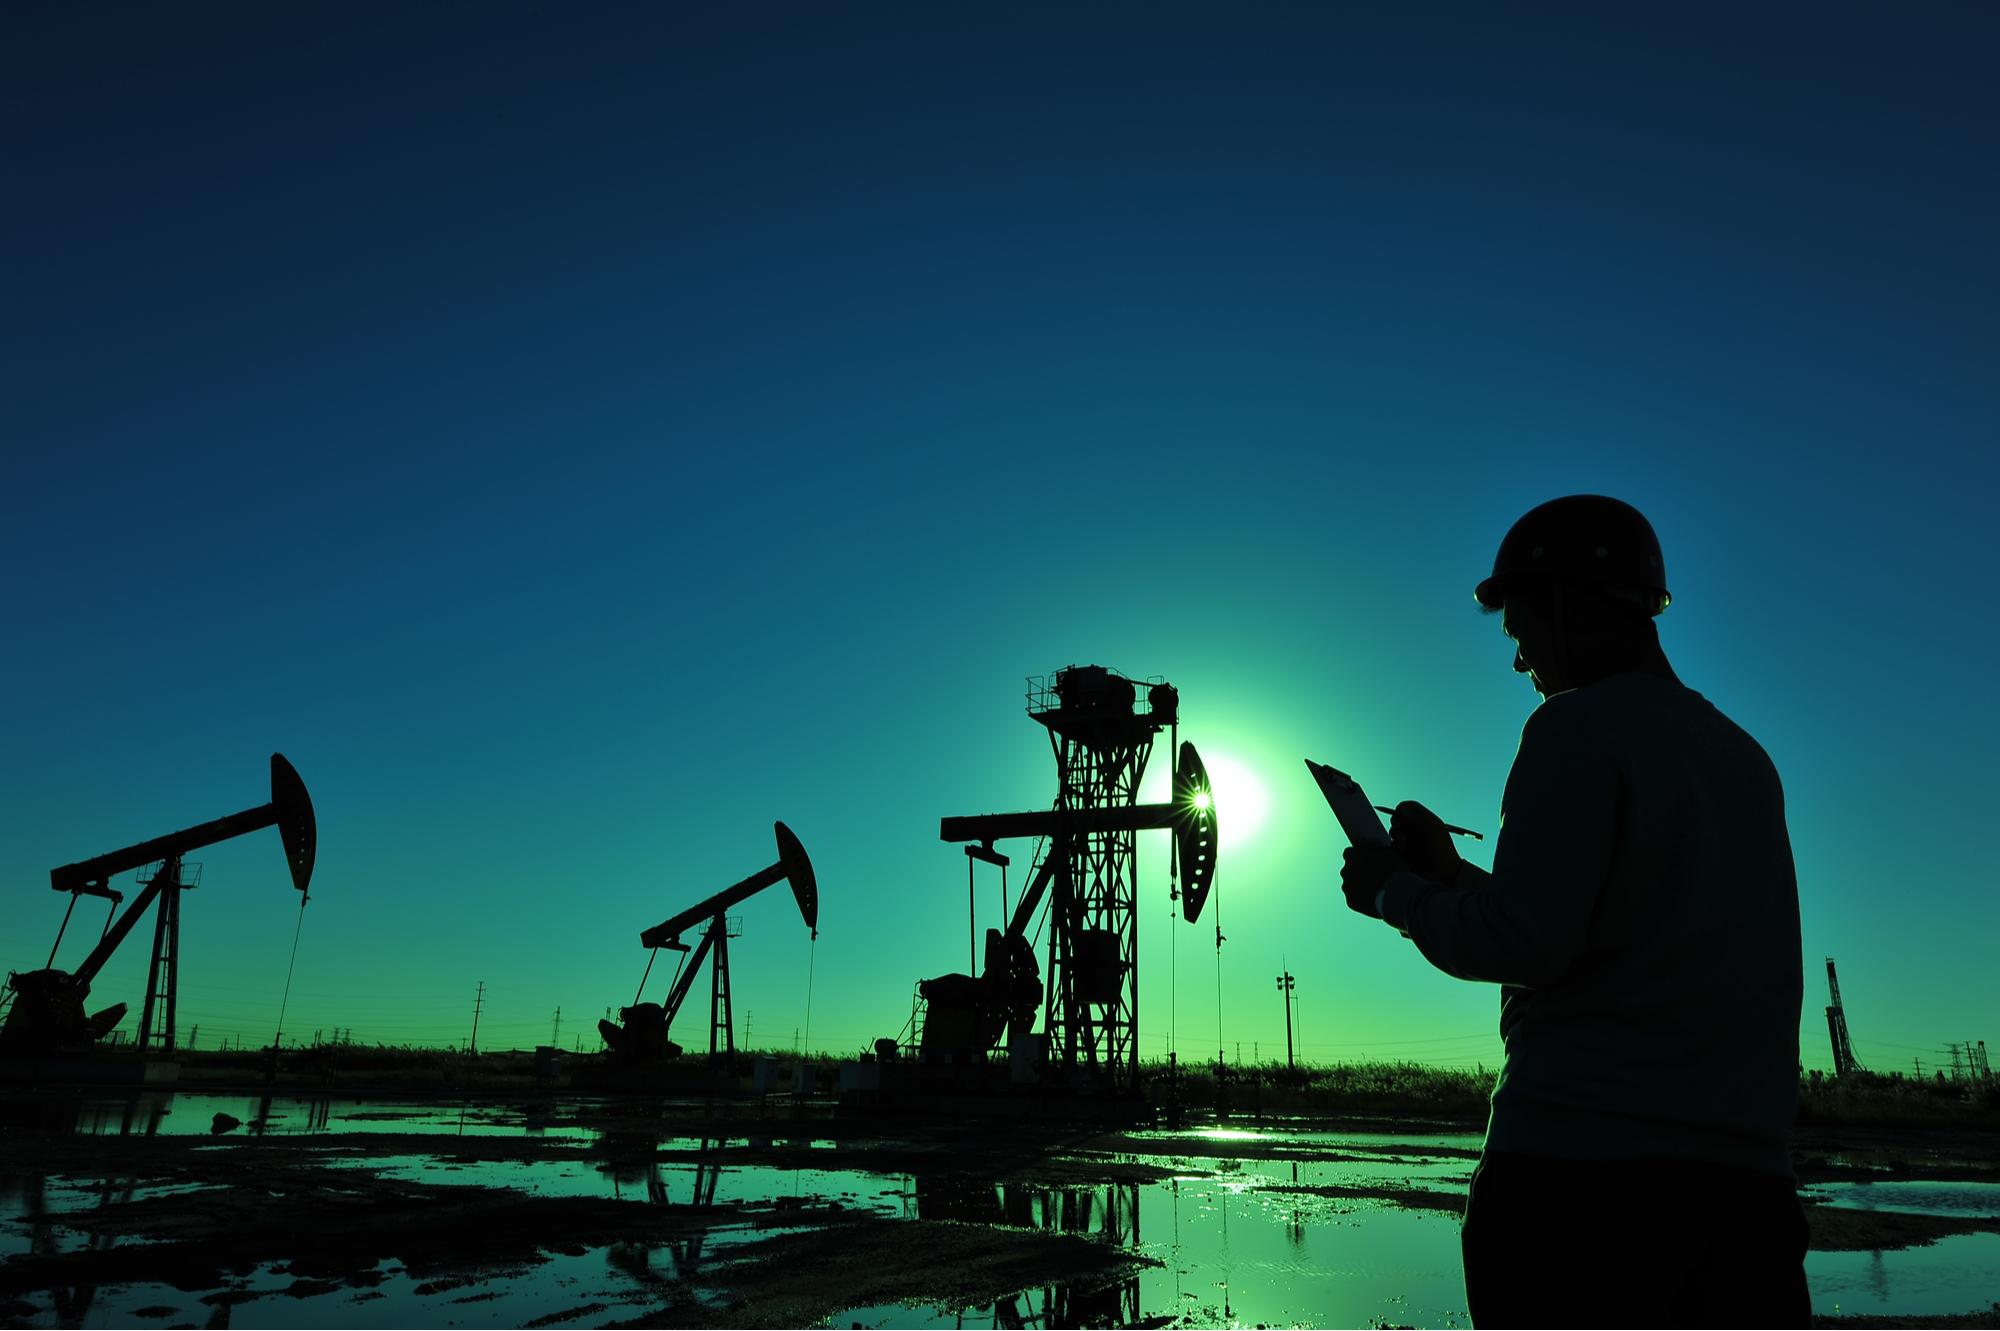 πεετρέλαιο μπρεντ